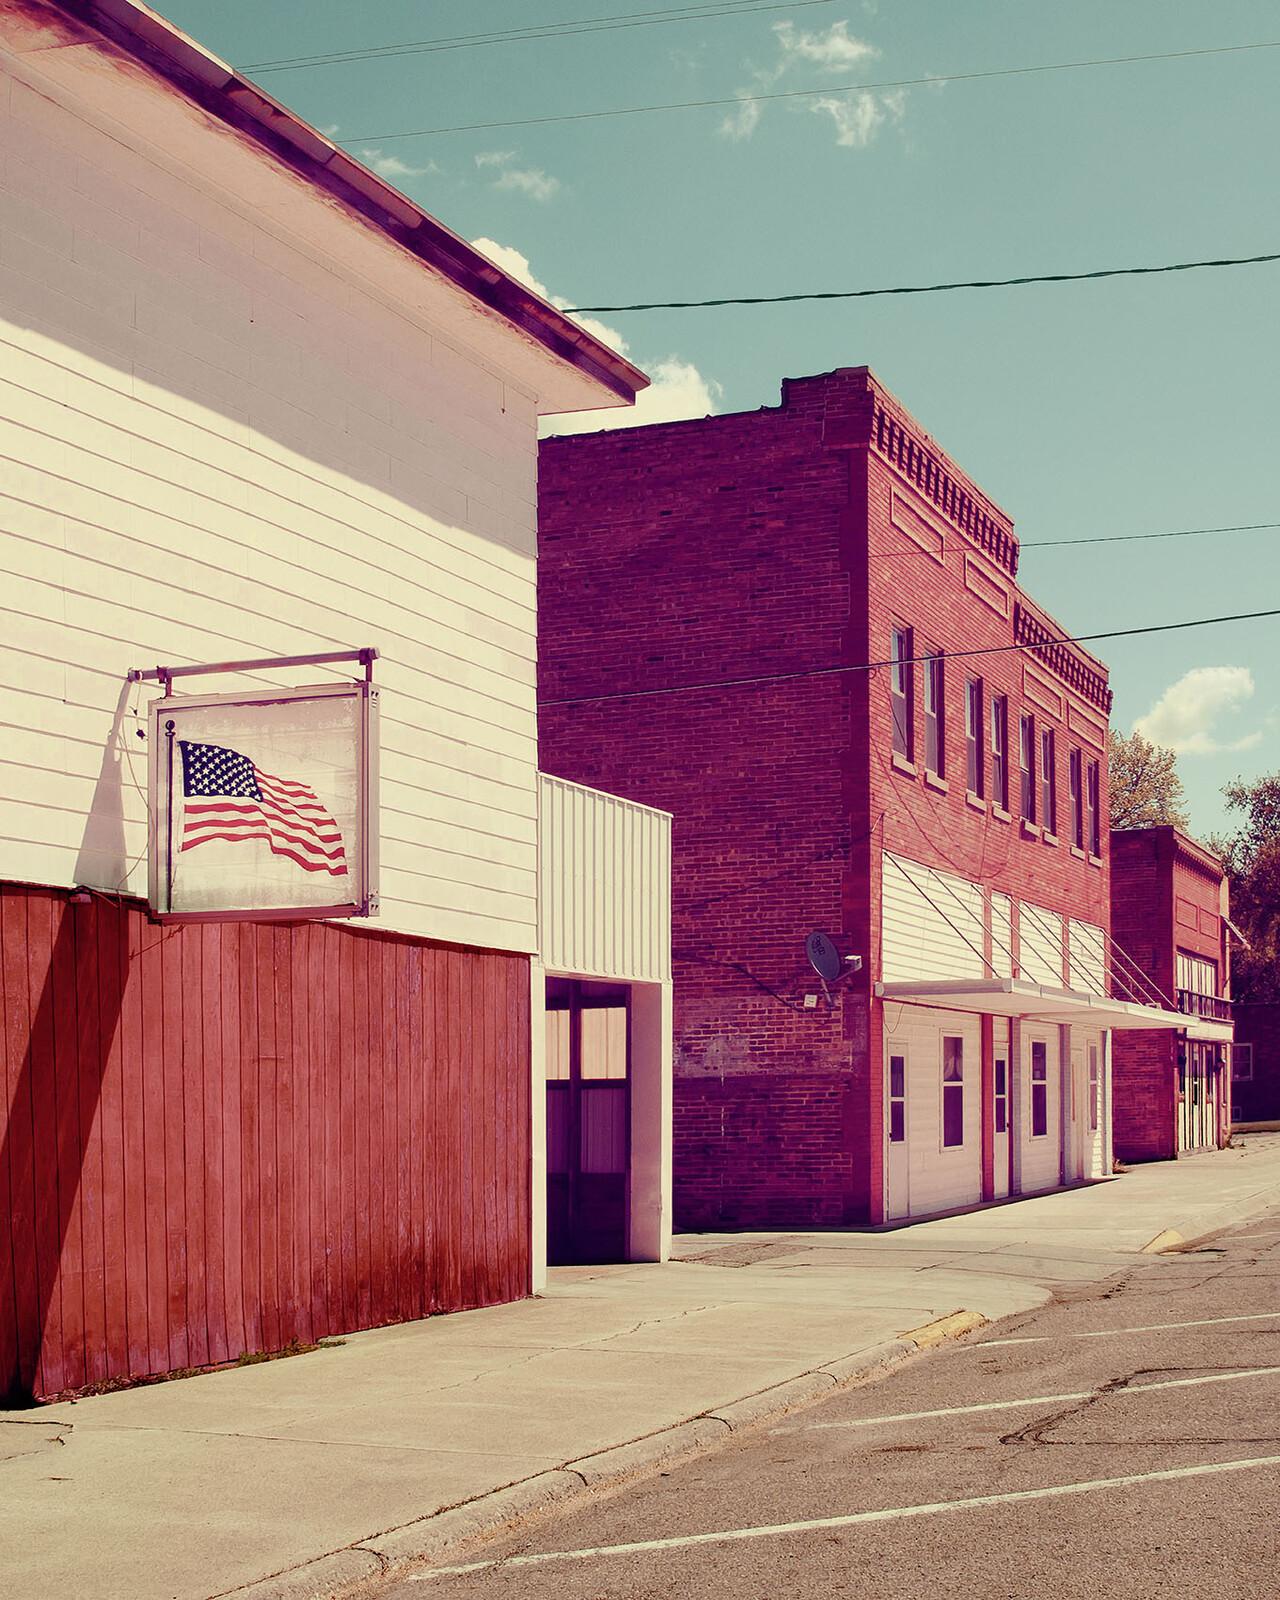 Red House - Sarah Johanna Eick